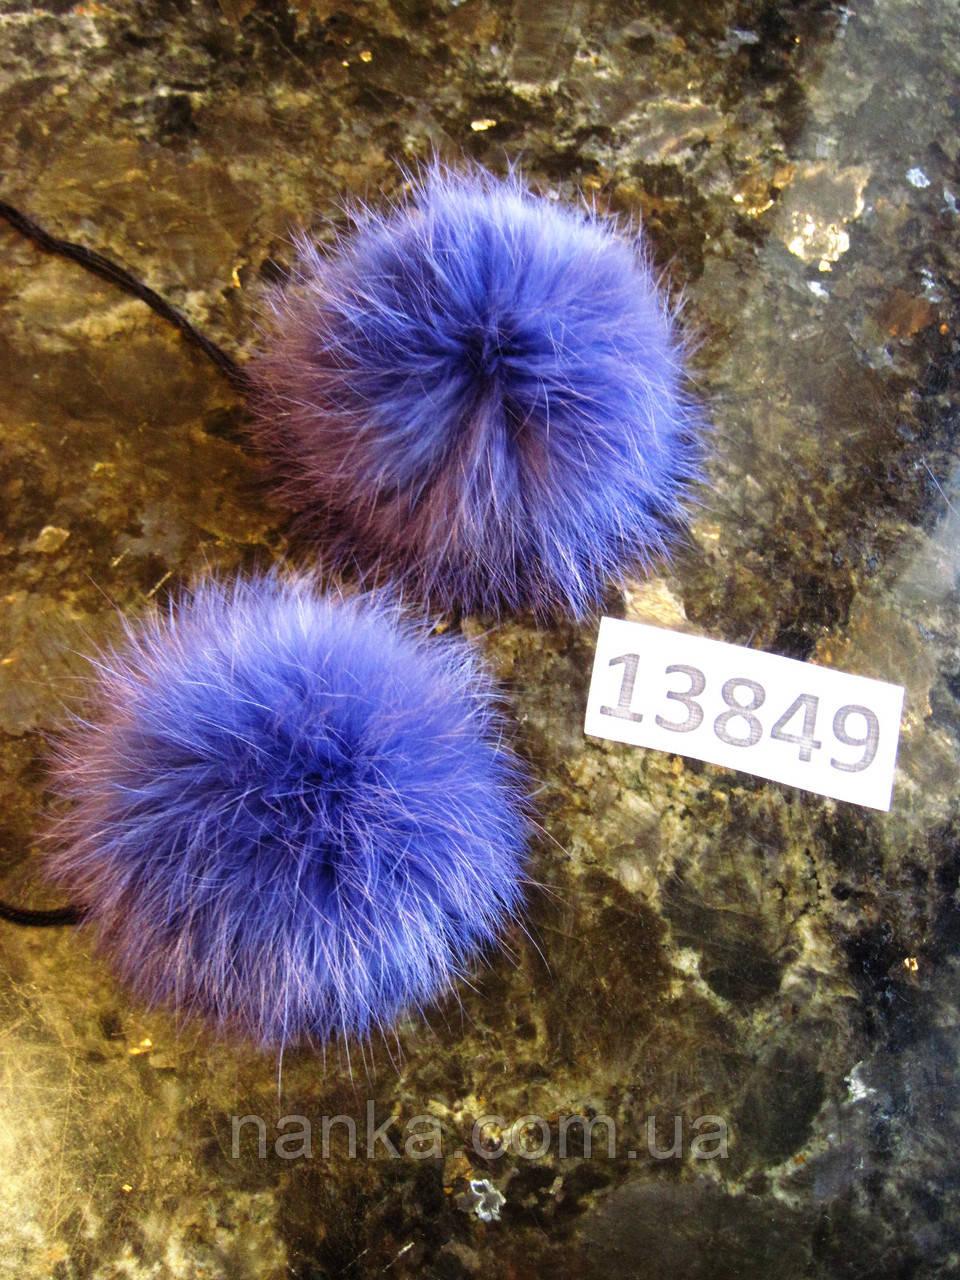 Меховой помпон Кролик, Фиолет, 8 см, пара 13849